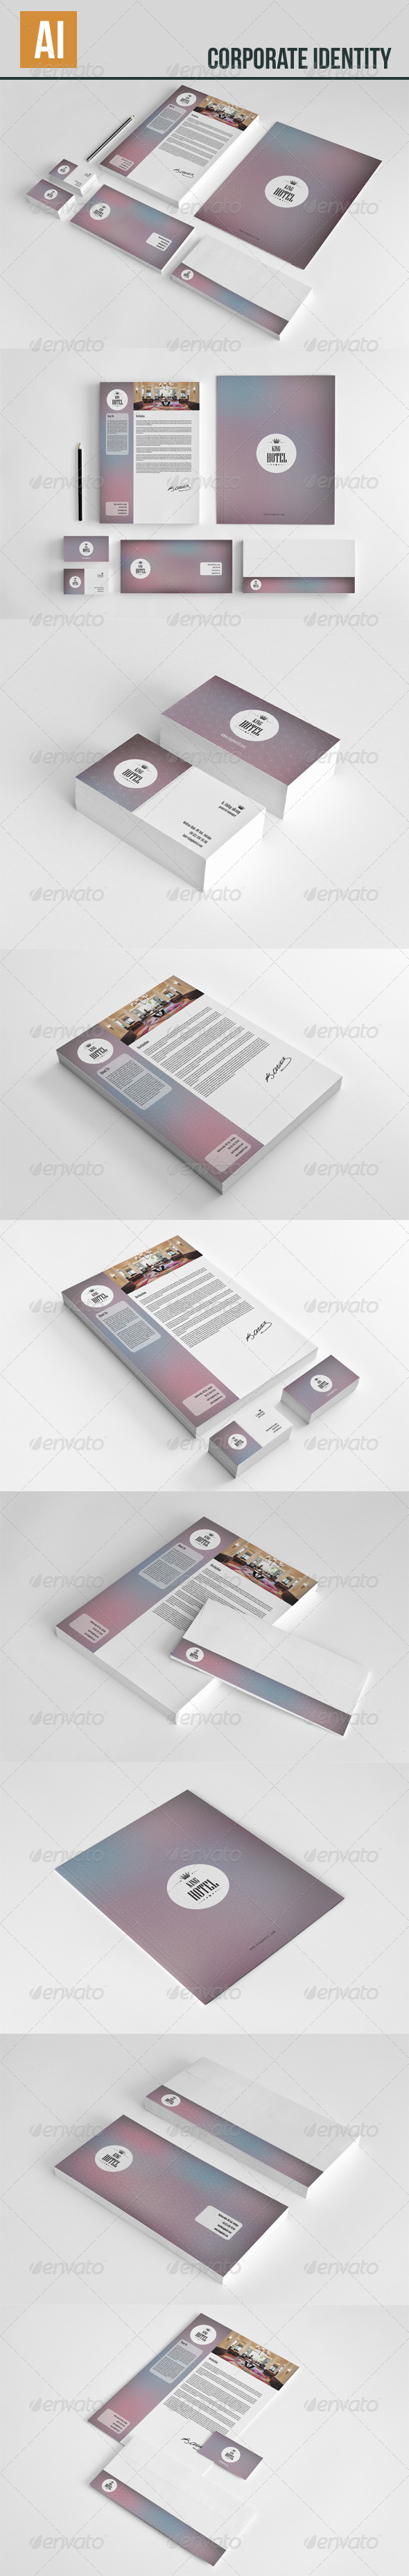 GraphicRiver Corporate Identity 5674811